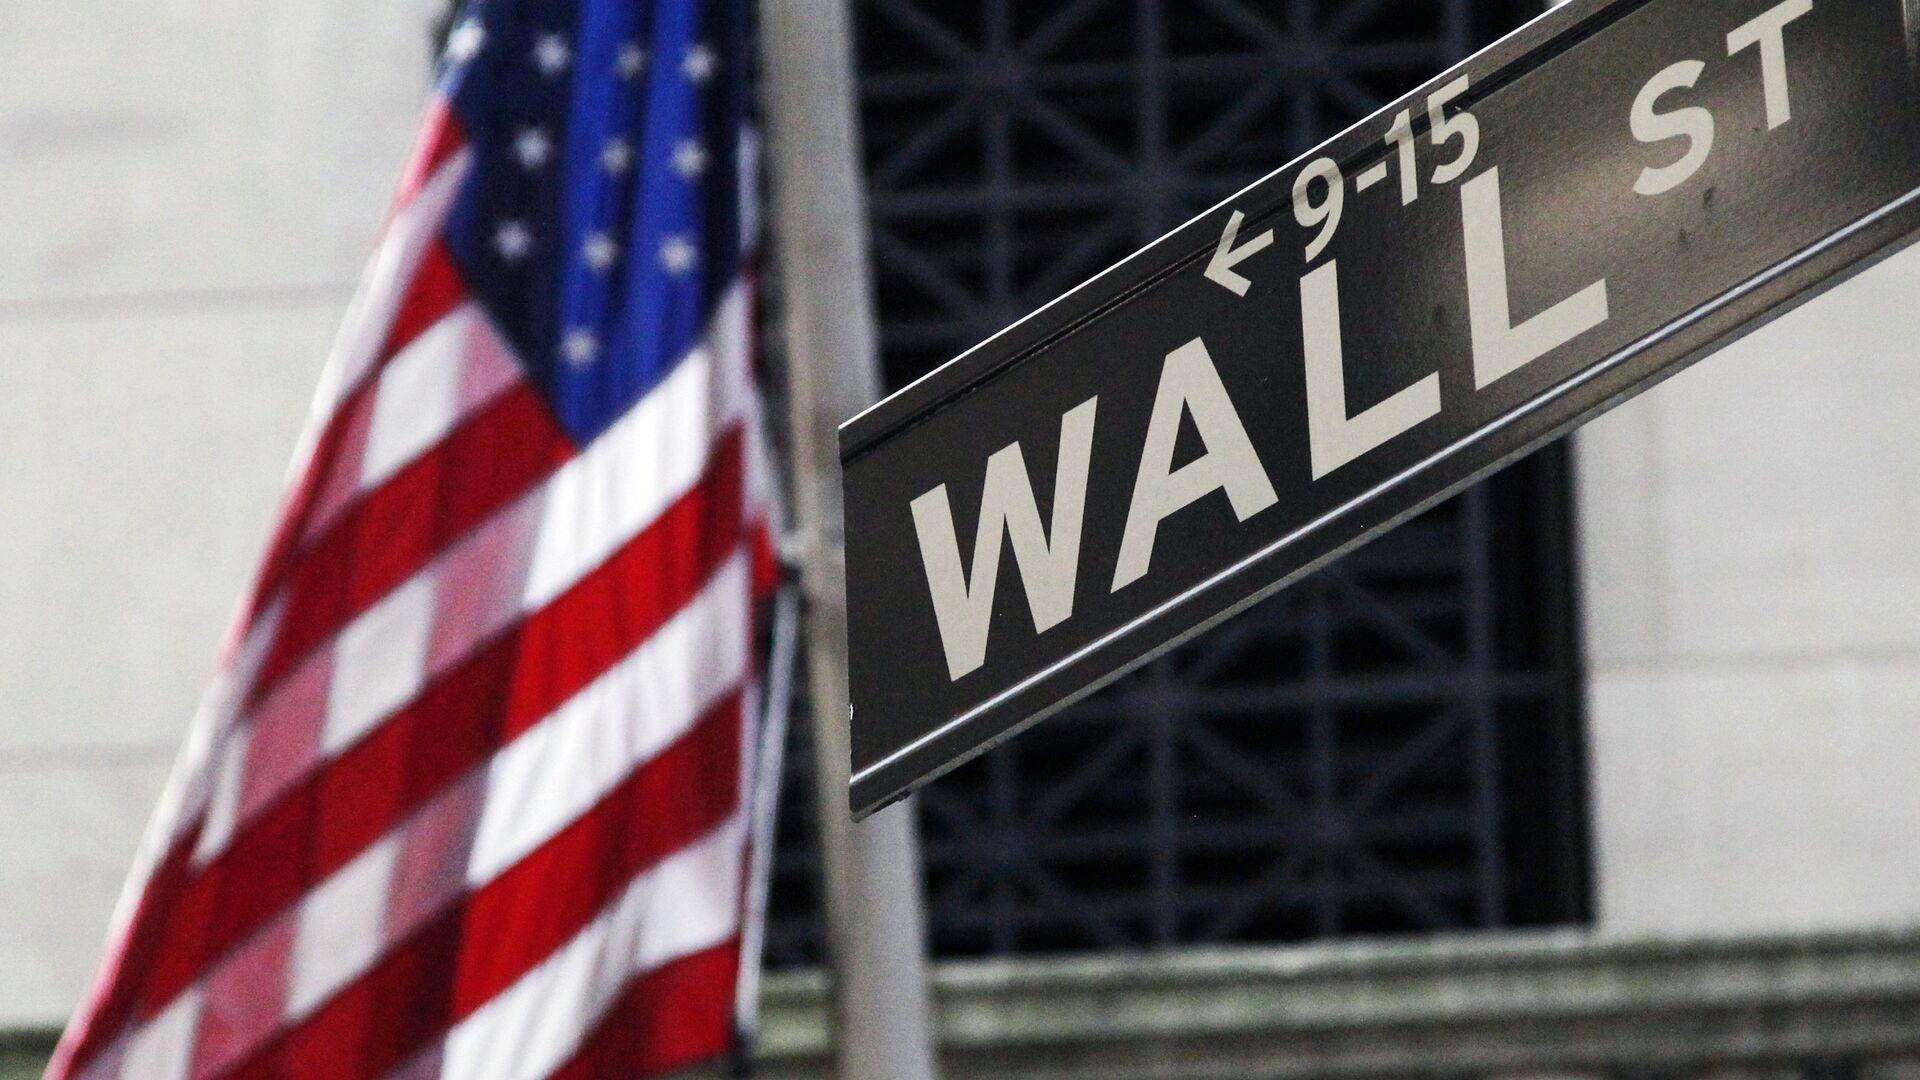 La calle Wall Street de Nueva York (archivo) - Sputnik Mundo, 1920, 16.02.2021